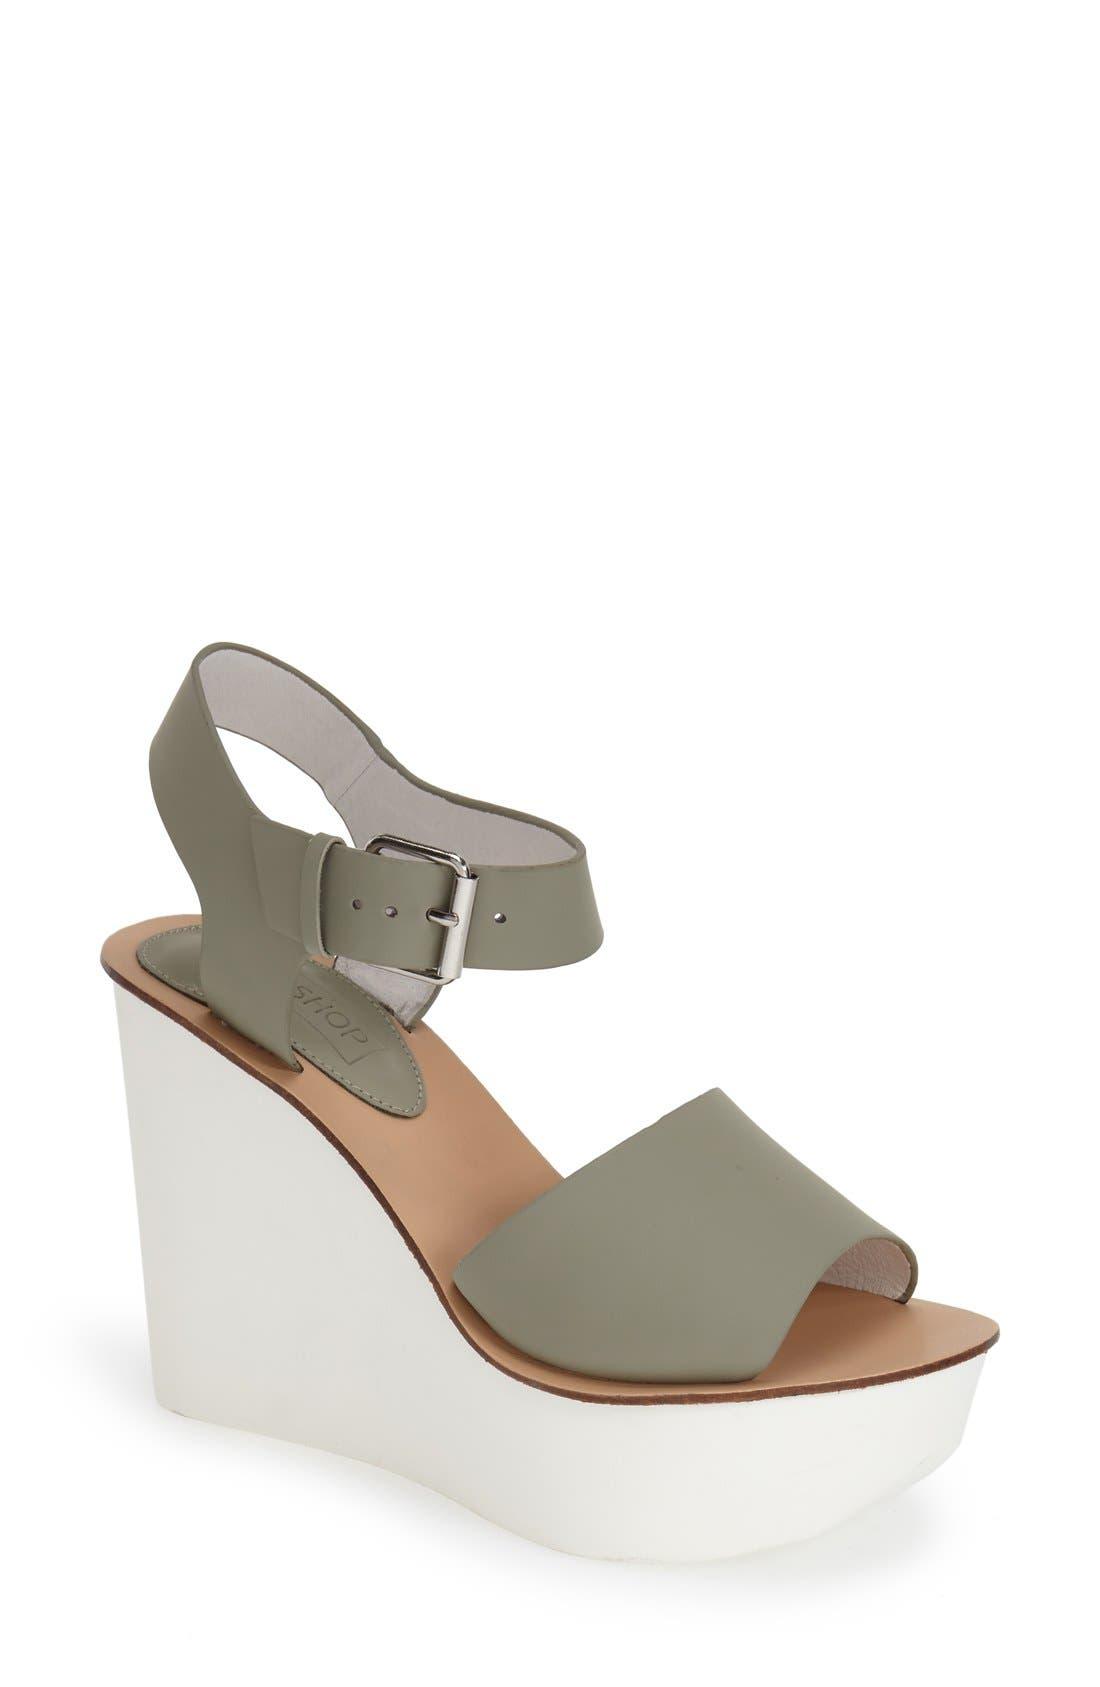 Main Image - Topshop Platform Wedge Sandal (Women)